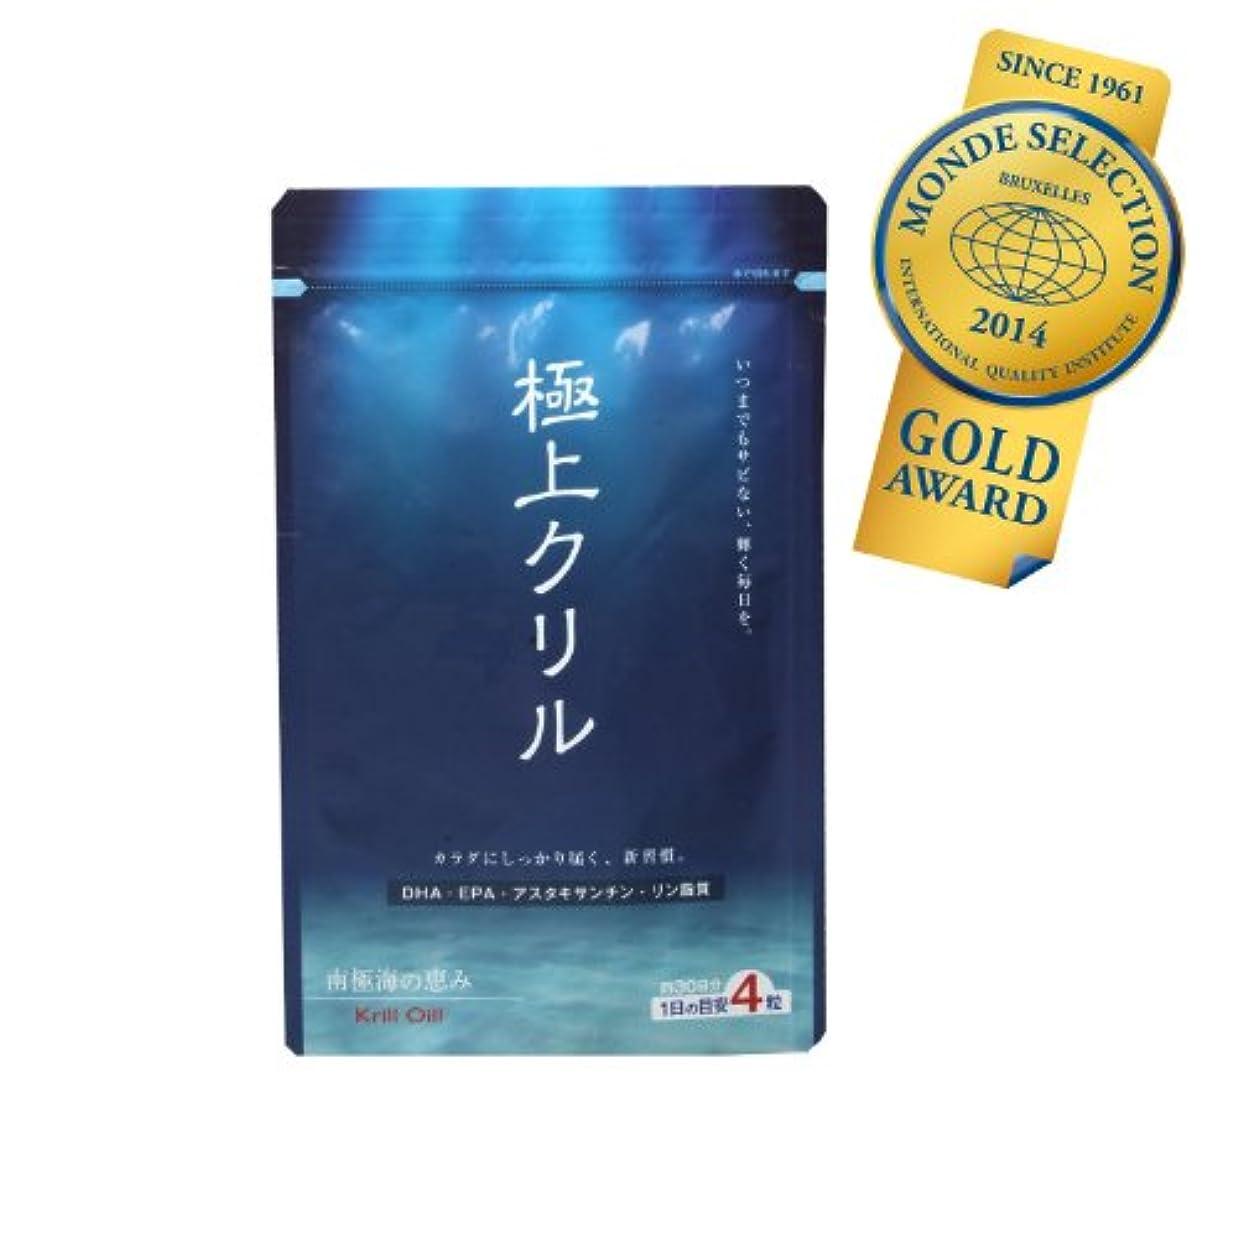 方法ちょっと待ってご意見極上クリル120粒 100%クリルオイル (約1ヶ月分) 日本製